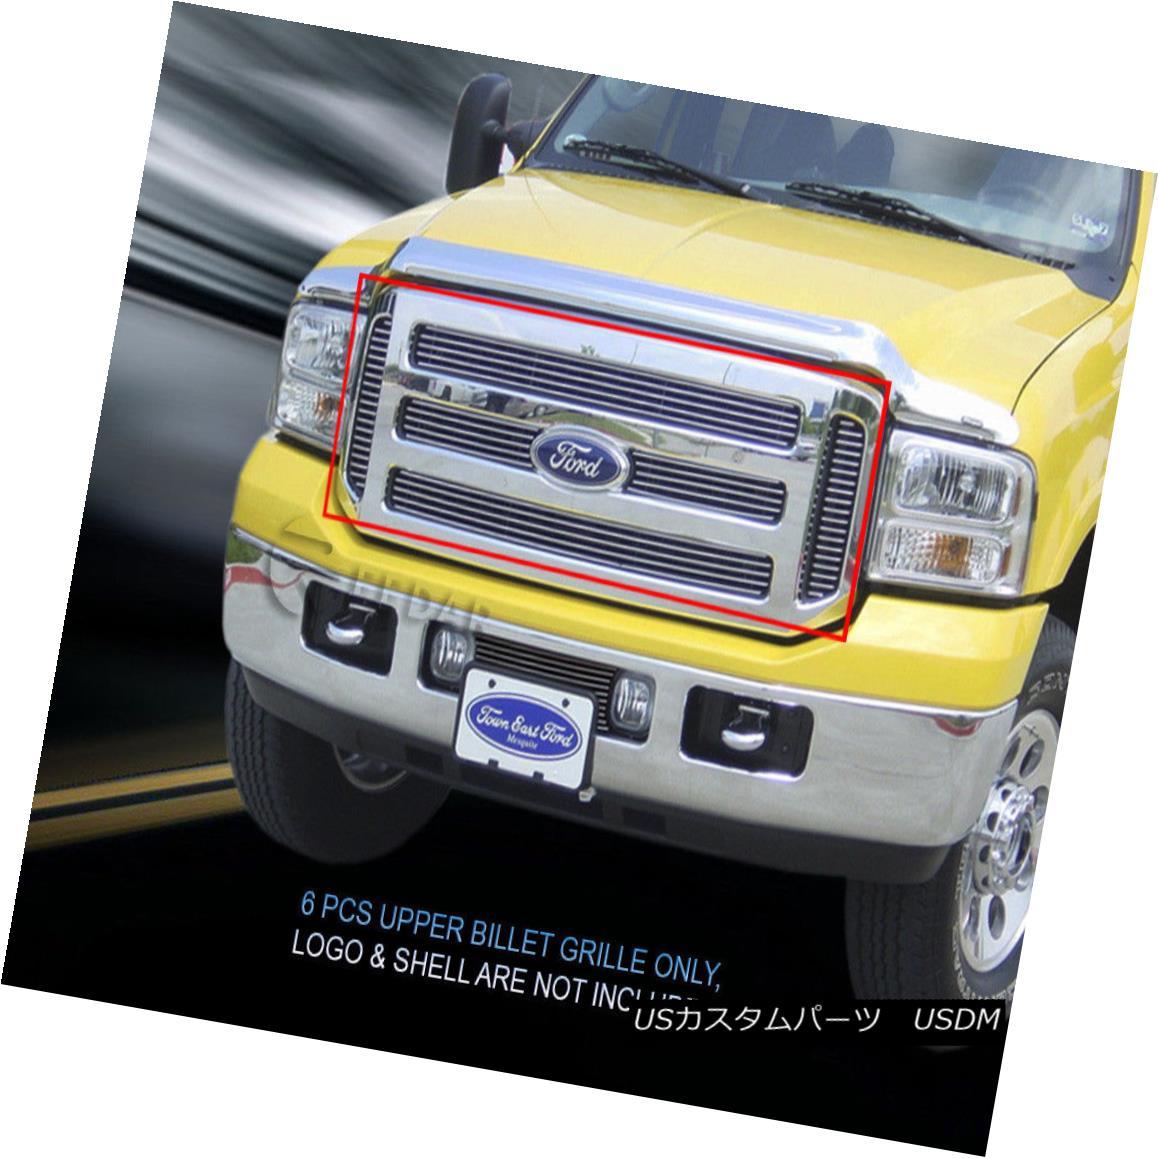 グリル Fits 99-04 Ford F-250 F350 F450 F550 Excursion Billet Grille Grill Insert Fedar フィット99-04 Ford F-250 F350 F450 F550エクスカーションビレットグリルグリルインサートFedar